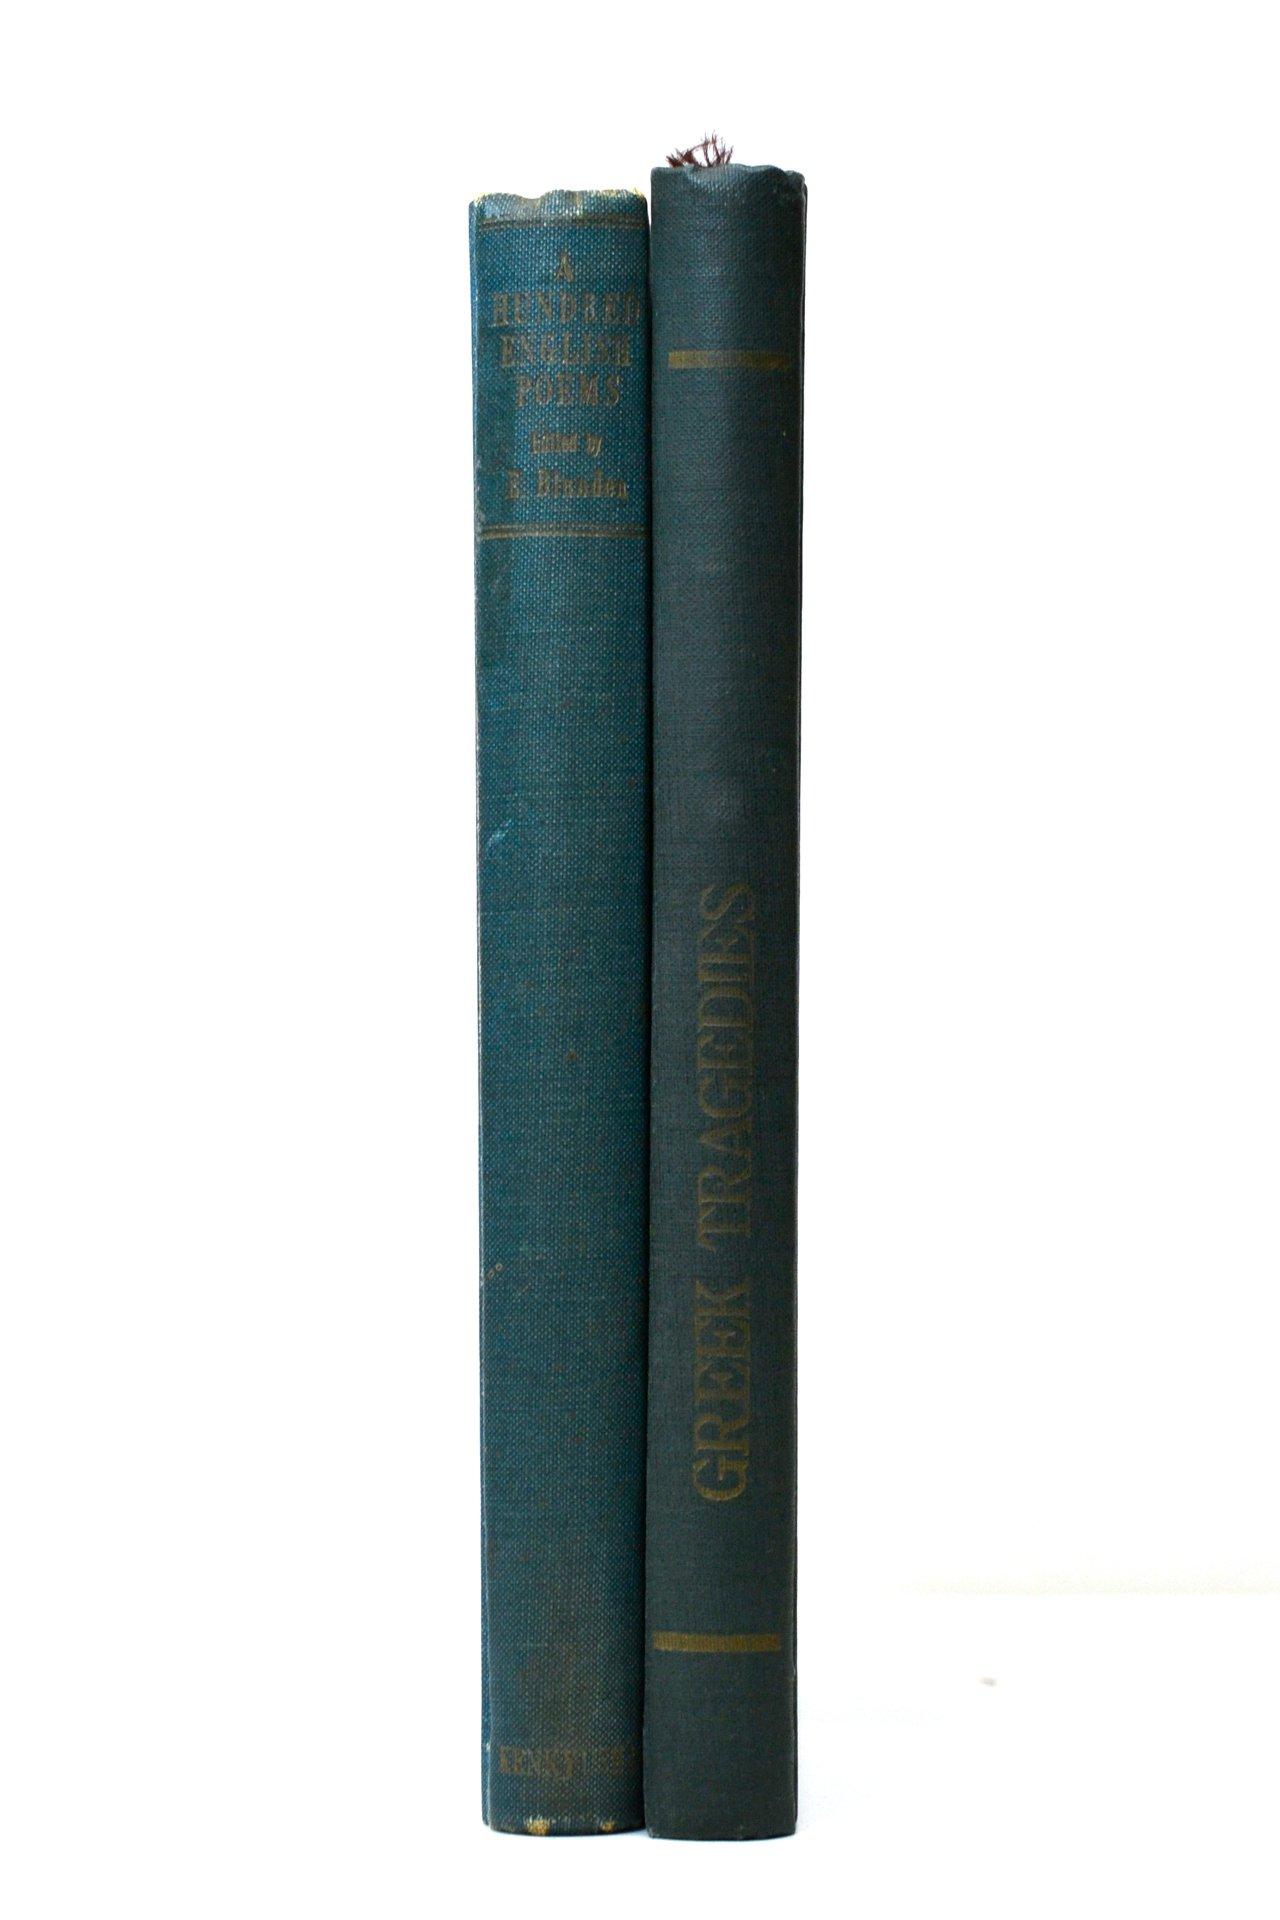 洋書 ディスプレイ用 2冊セット RZ-5725